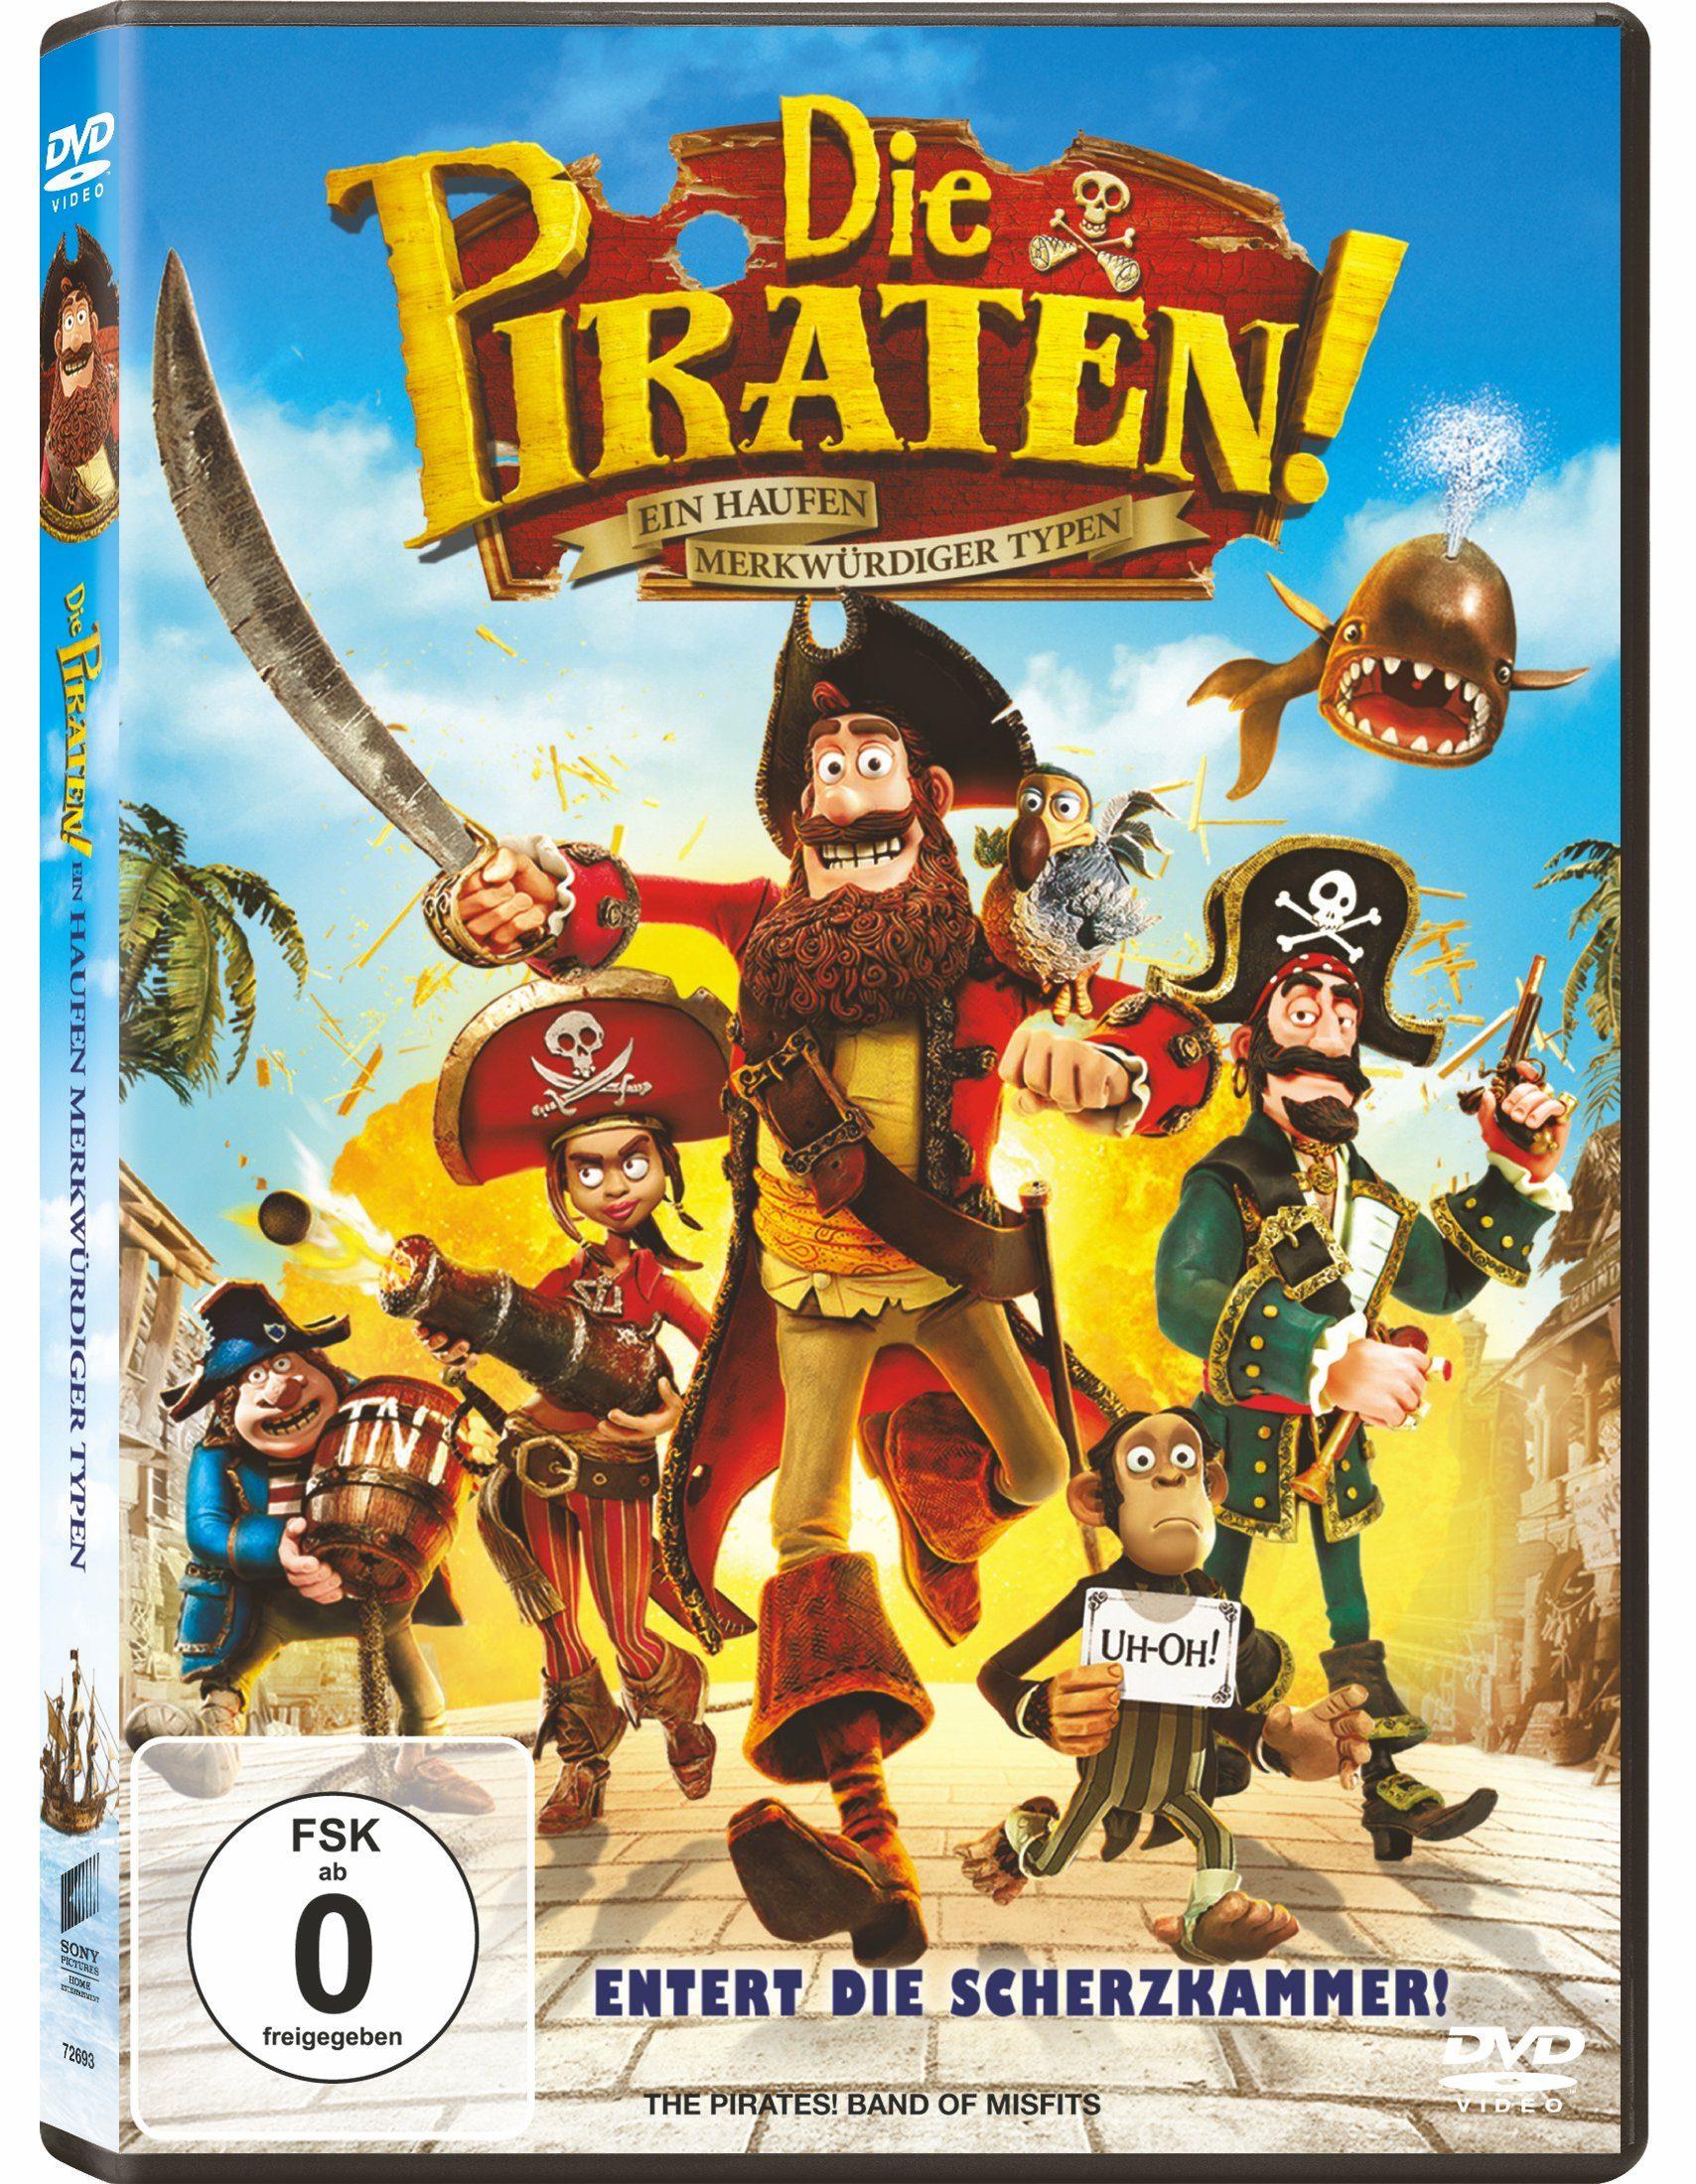 Sony Pictures DVD »Die Piraten - Ein Haufen merkwürdiger Typen«